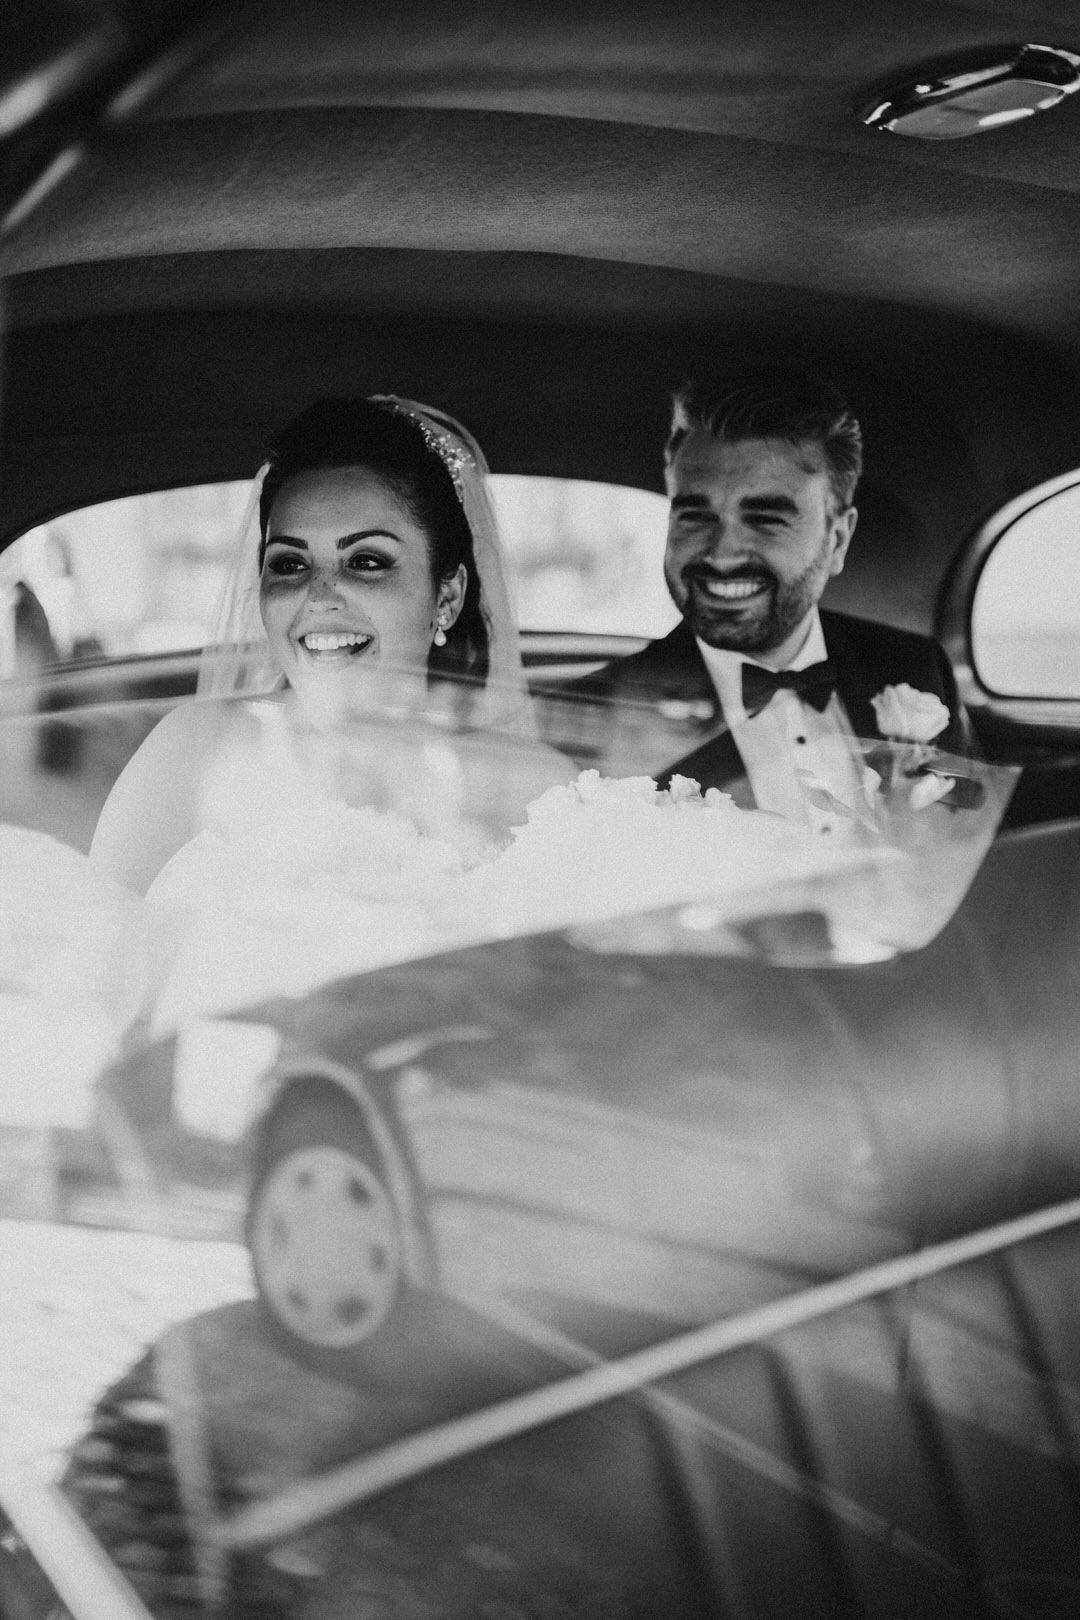 Hochzeits-Reportagefoto von Braut und Bräutigam nach der Trauung im Oldtimer, den Gästen winkend